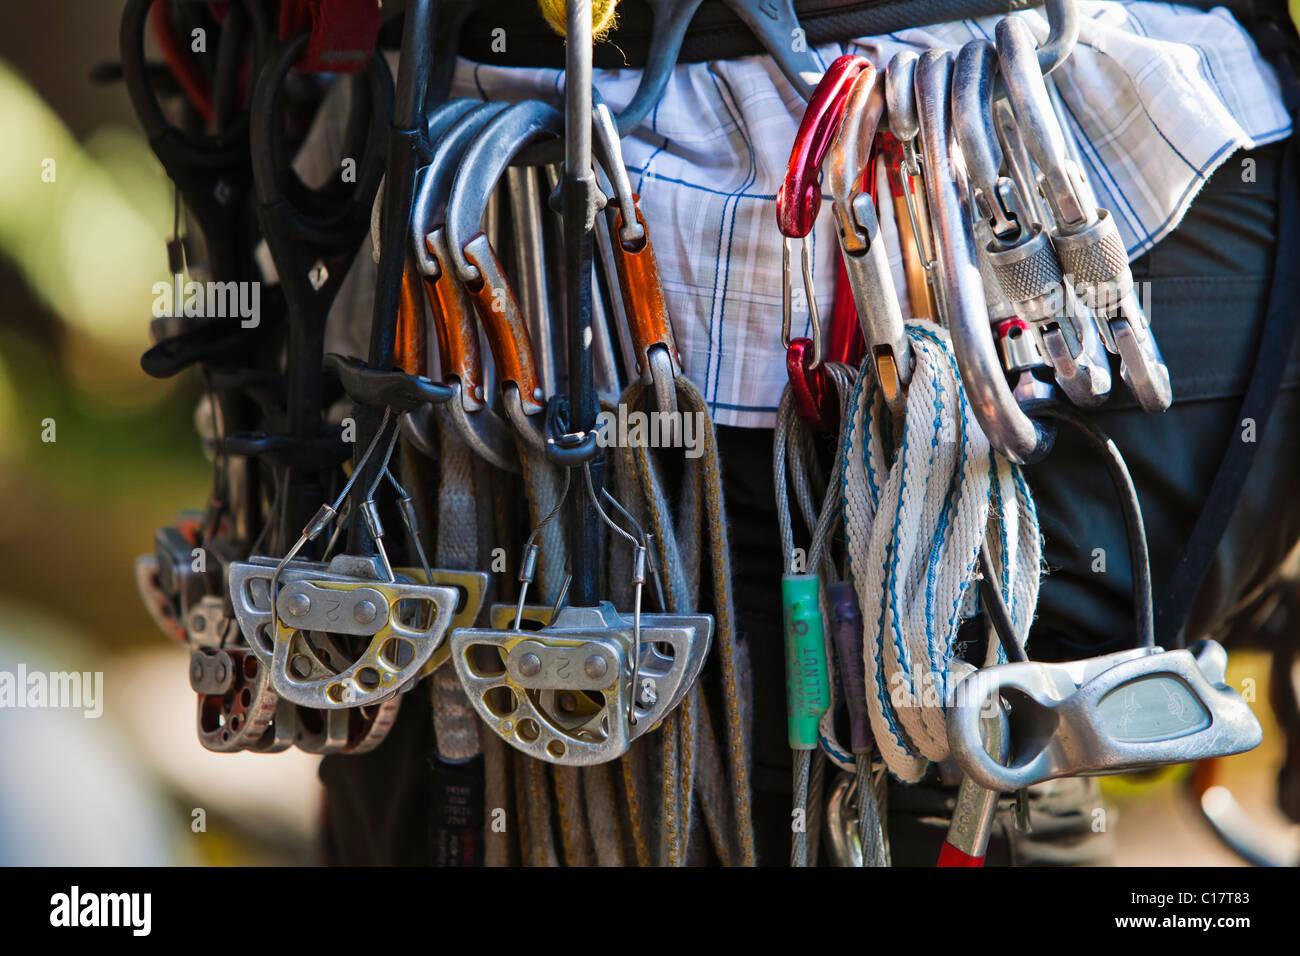 Kletterausrüstung : Gebrauchte kletterausrüstung karabiner ohne kratzer